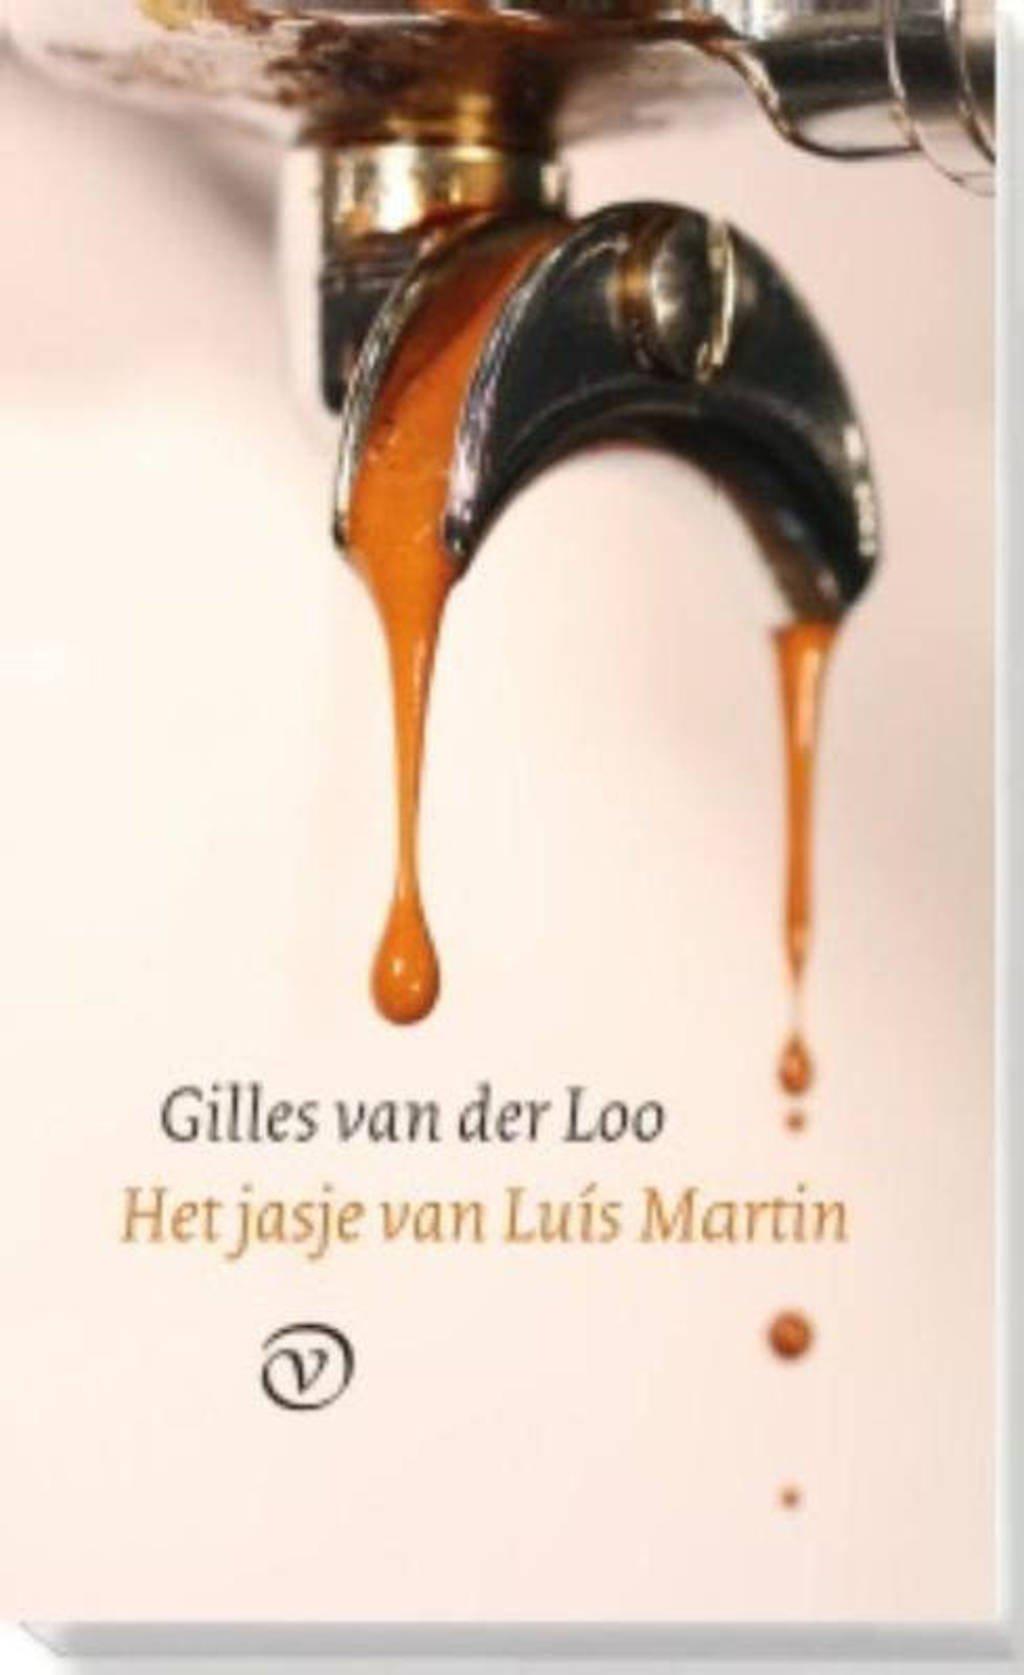 Het jasje van Luis Martin - Gilles van der Loo